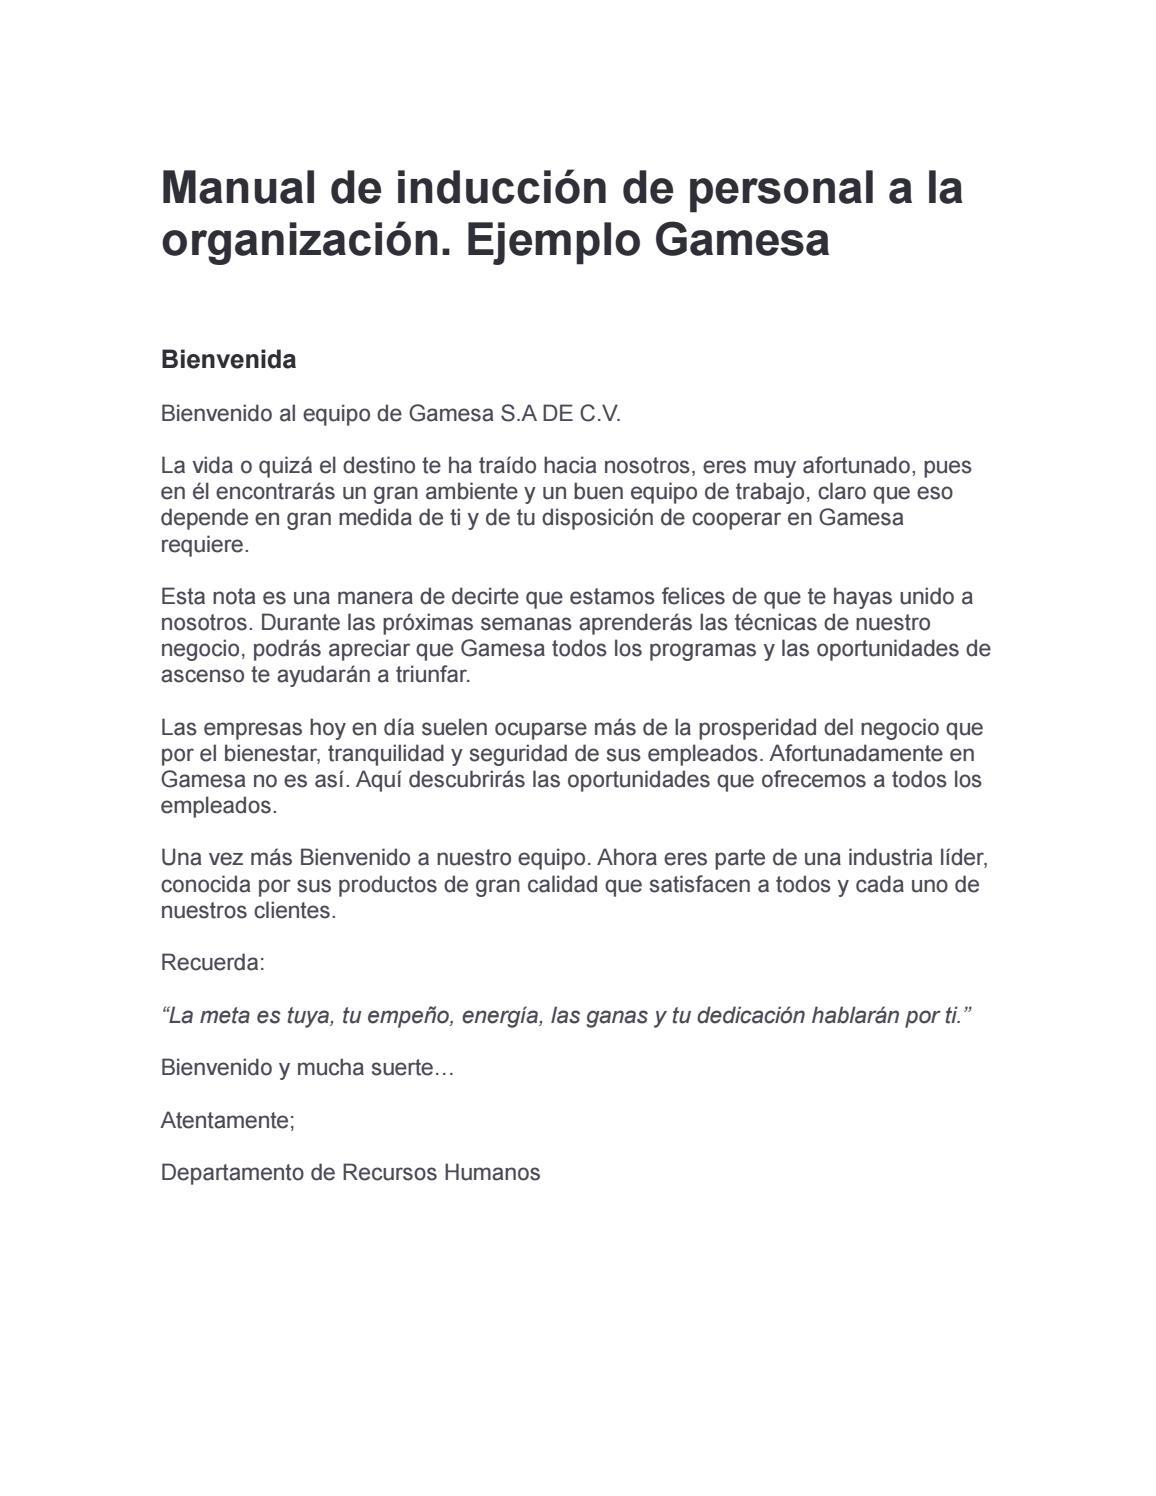 Manual de inducción de personal a la organización by Natalia R - issuu